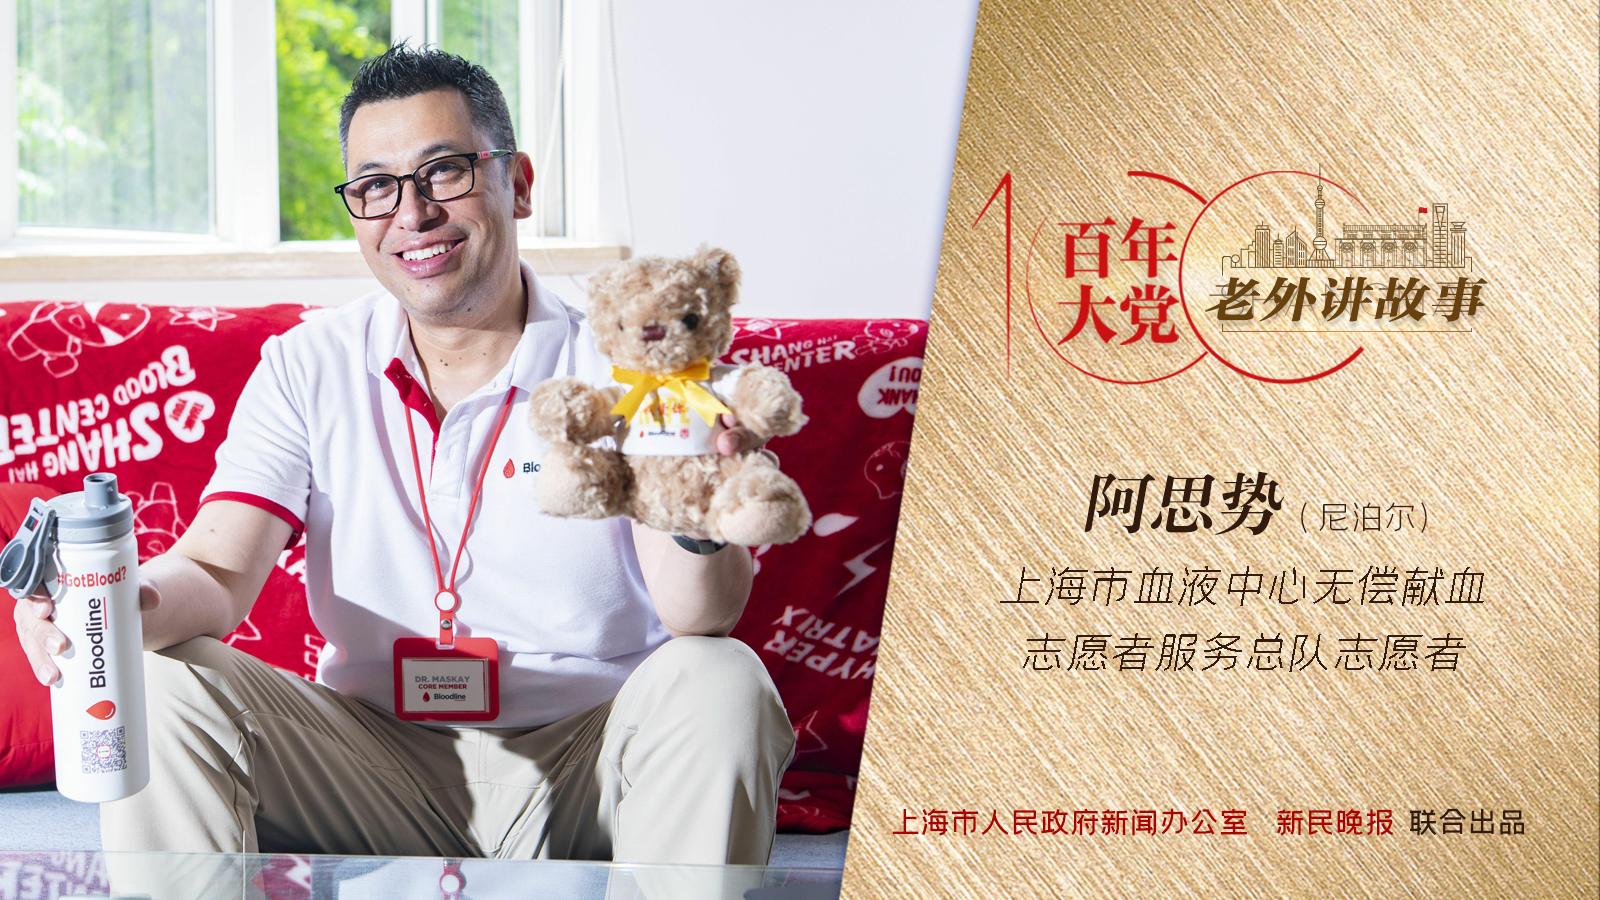 阿思势:我们在上海组建了一个外籍献血志愿者团队 | 百年大党-老外讲故事(68)